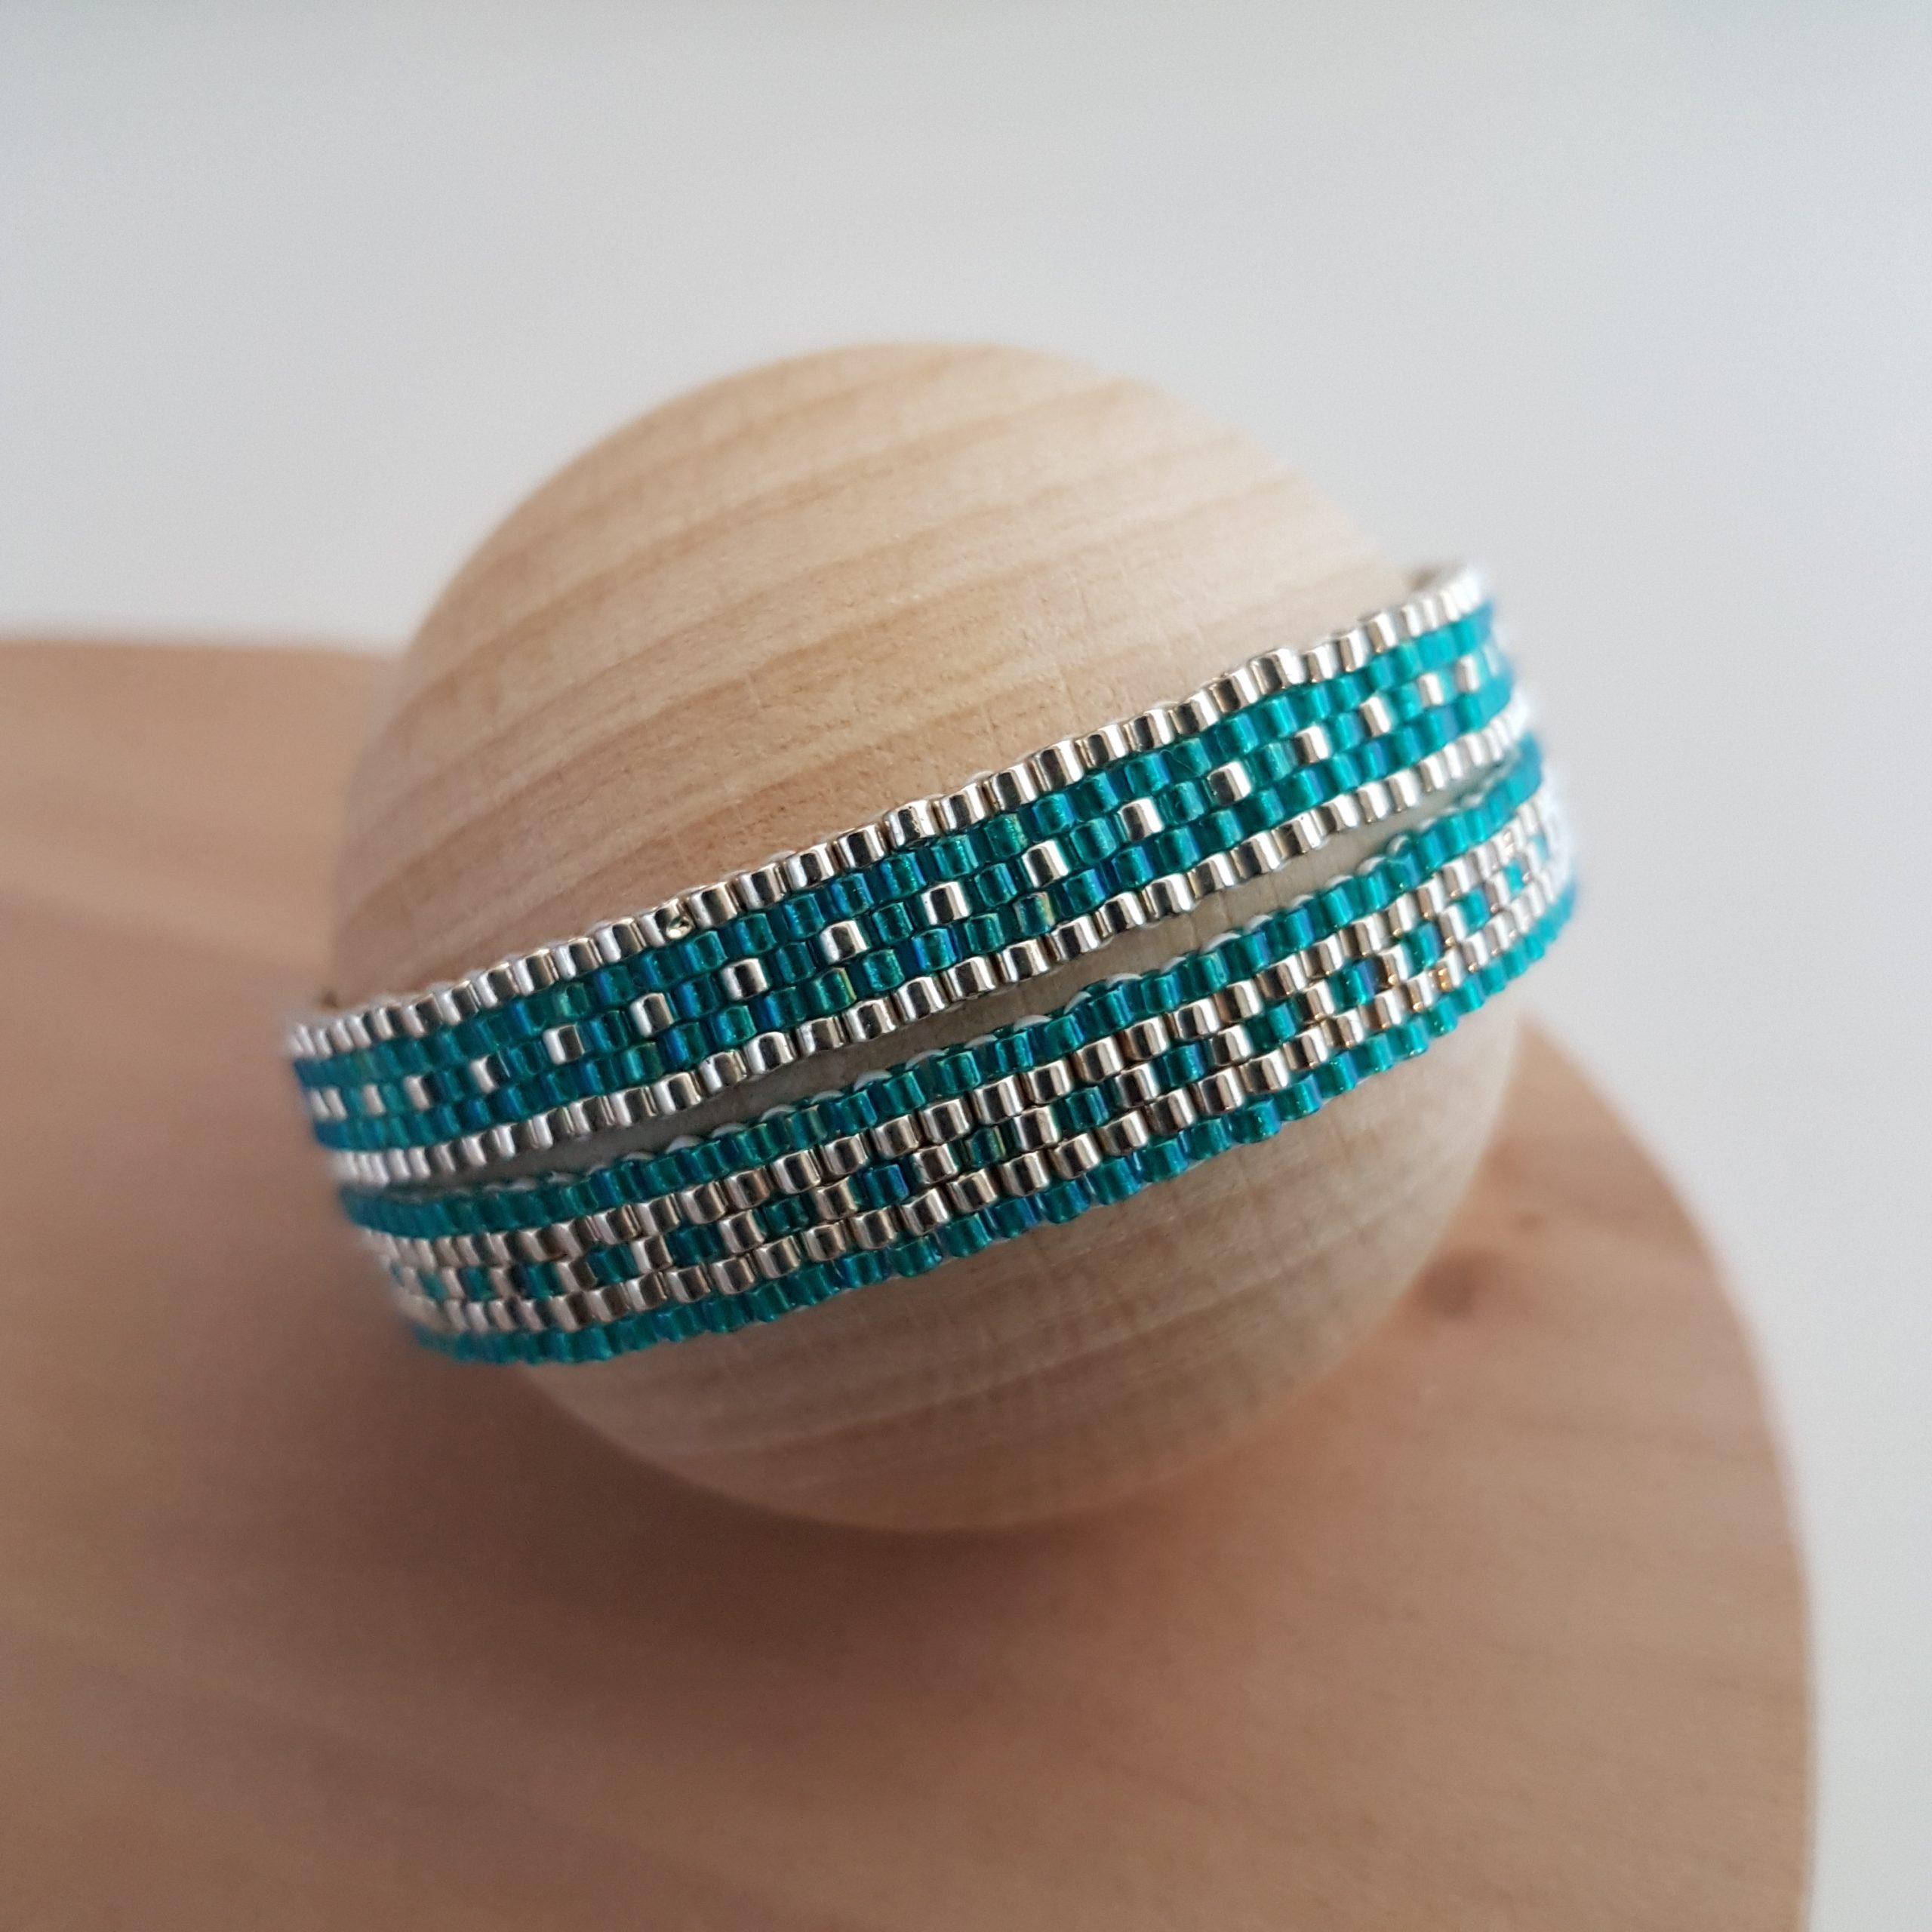 Cadeau Bijou artisanal lyon Bracelet Les cumulables turquoise argent 925 miyuki